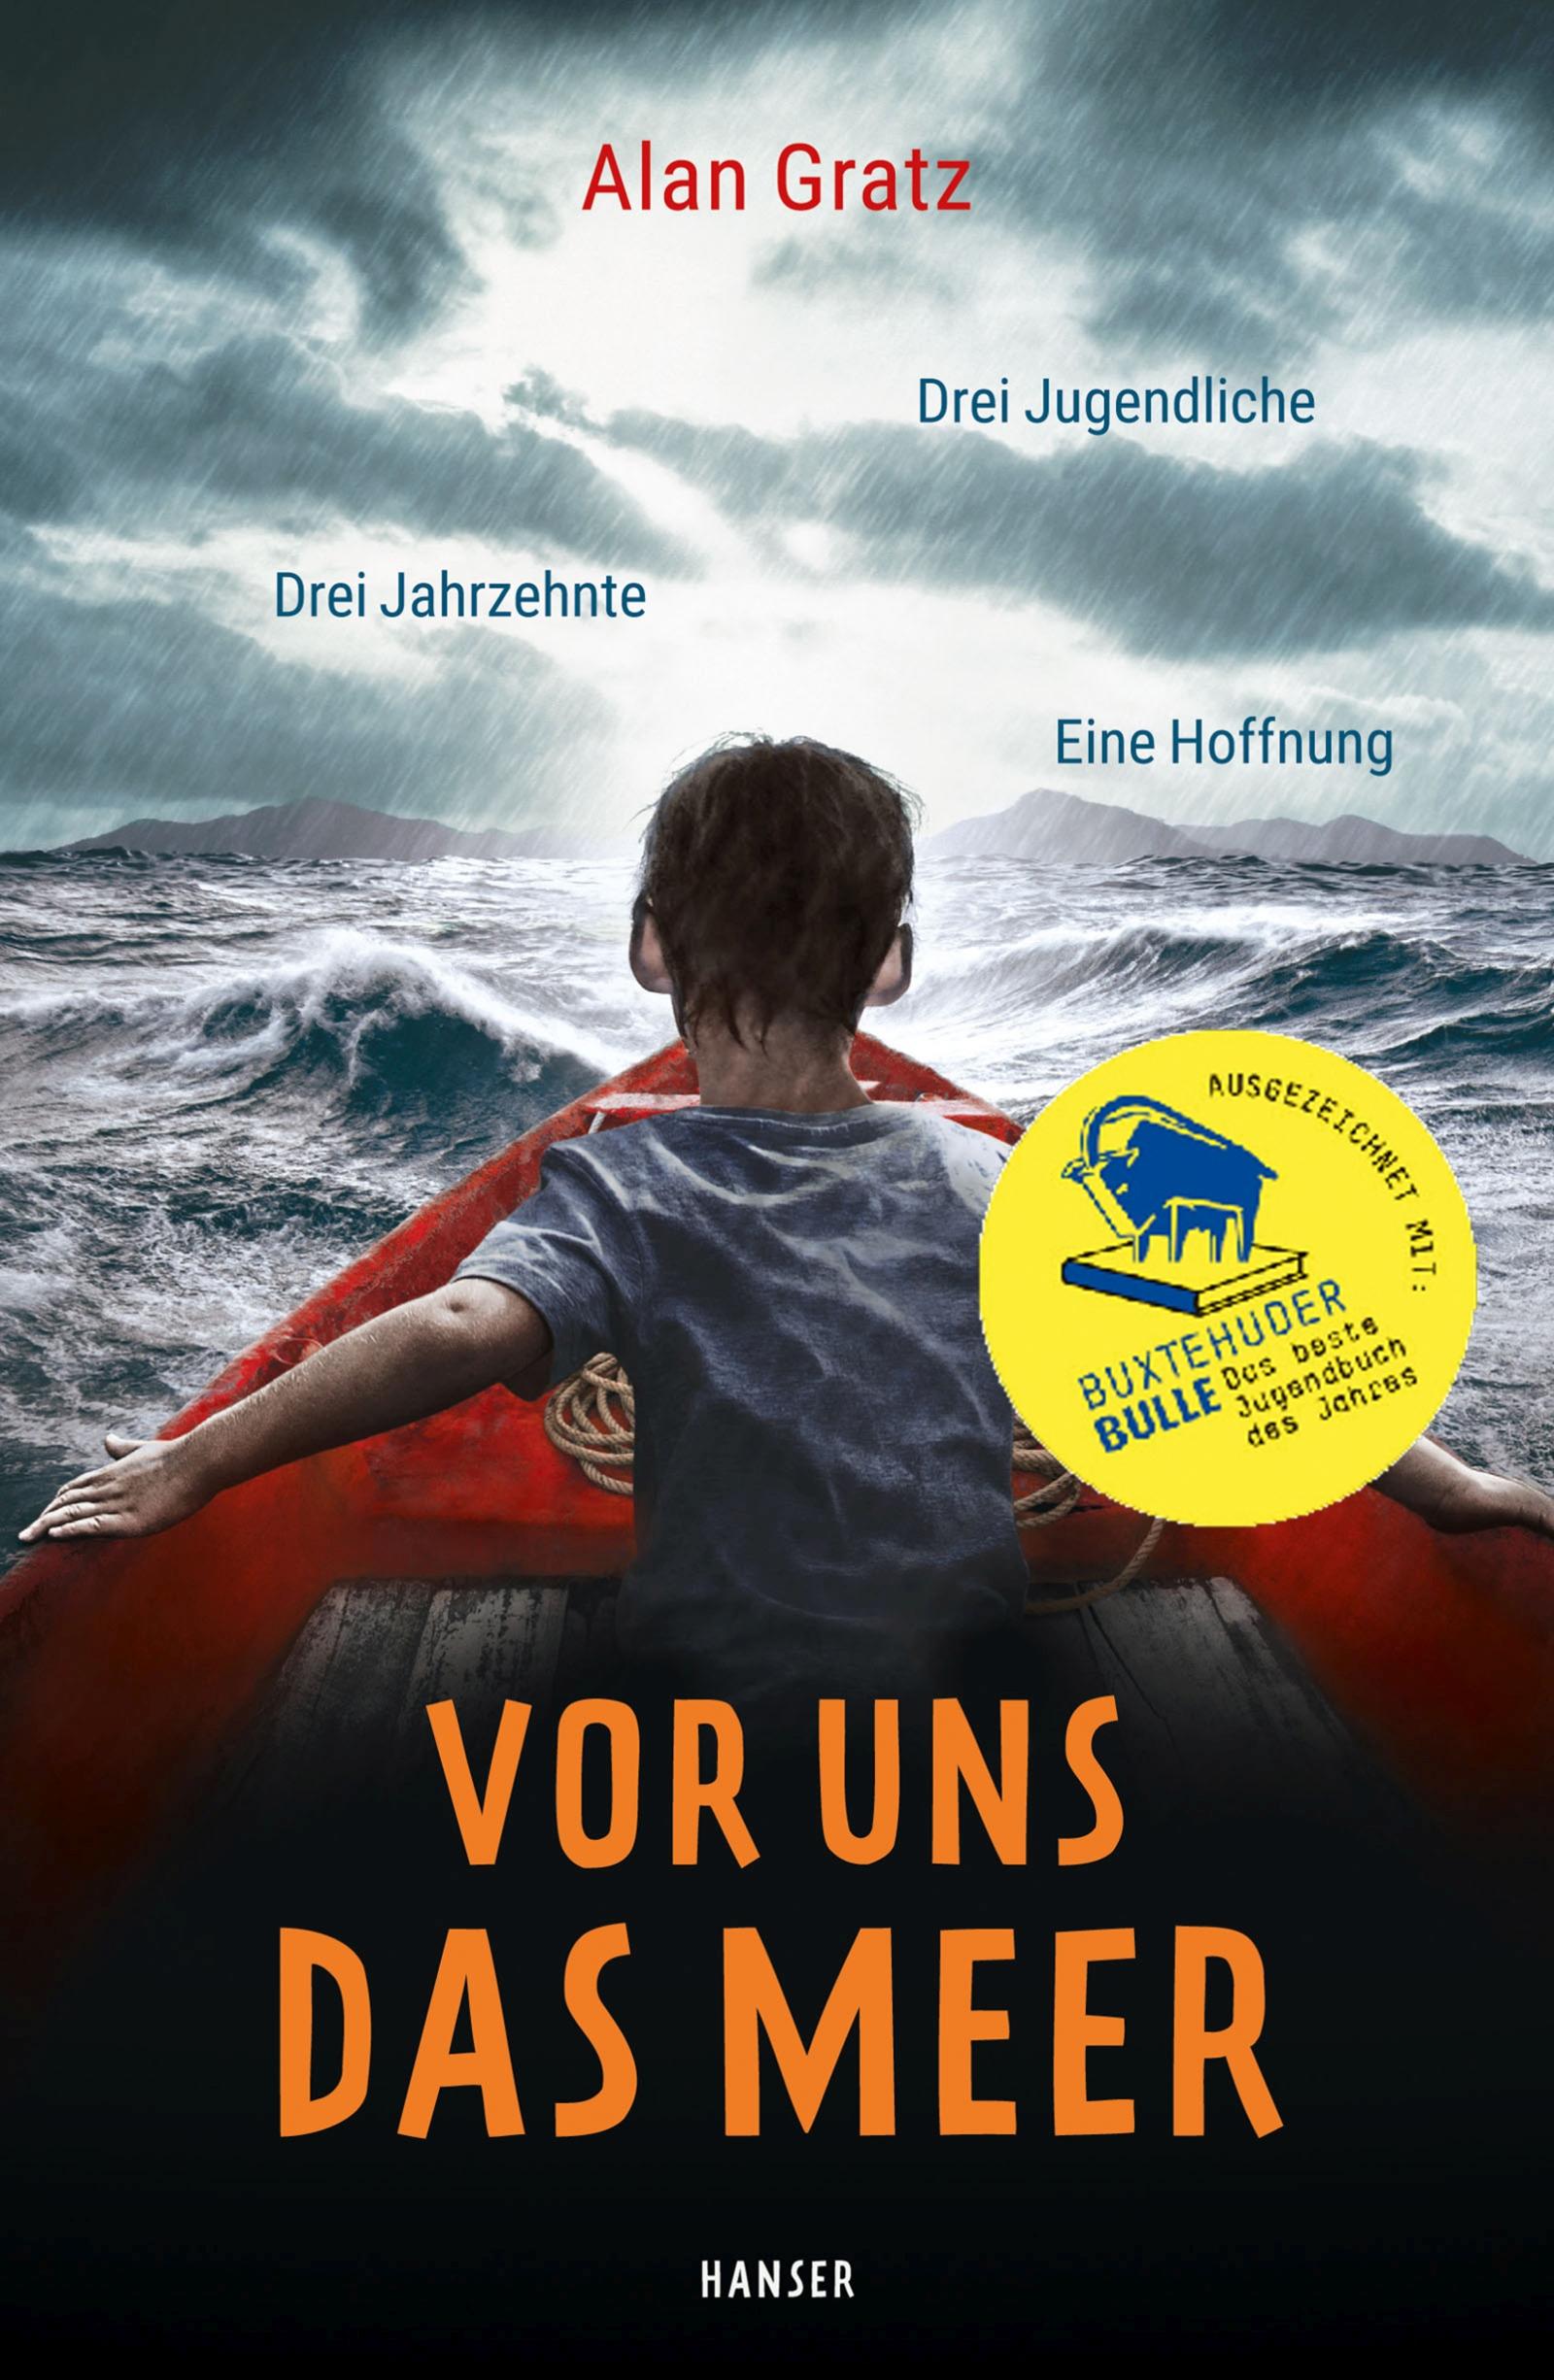 https://www.hanser-literaturverlage.de/buch/vor-uns-das-meer/978-3-446-26613-1/